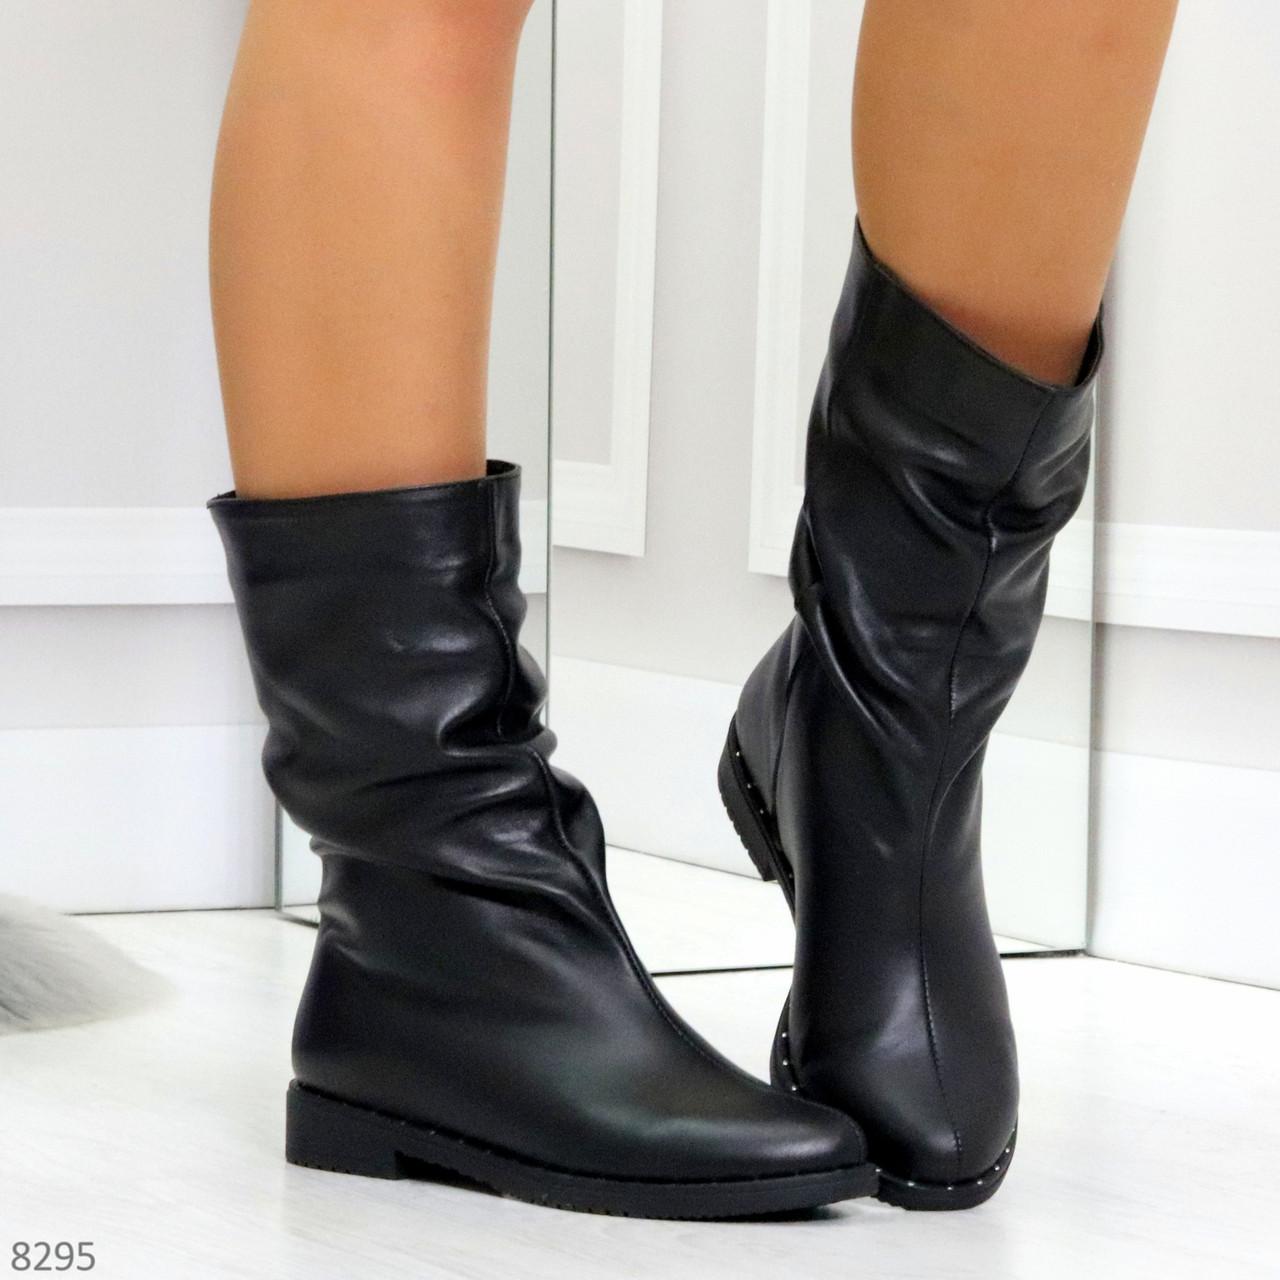 Элегантные черные зимние женские сапоги из натуральной кожи низкий ход 38-24,5см